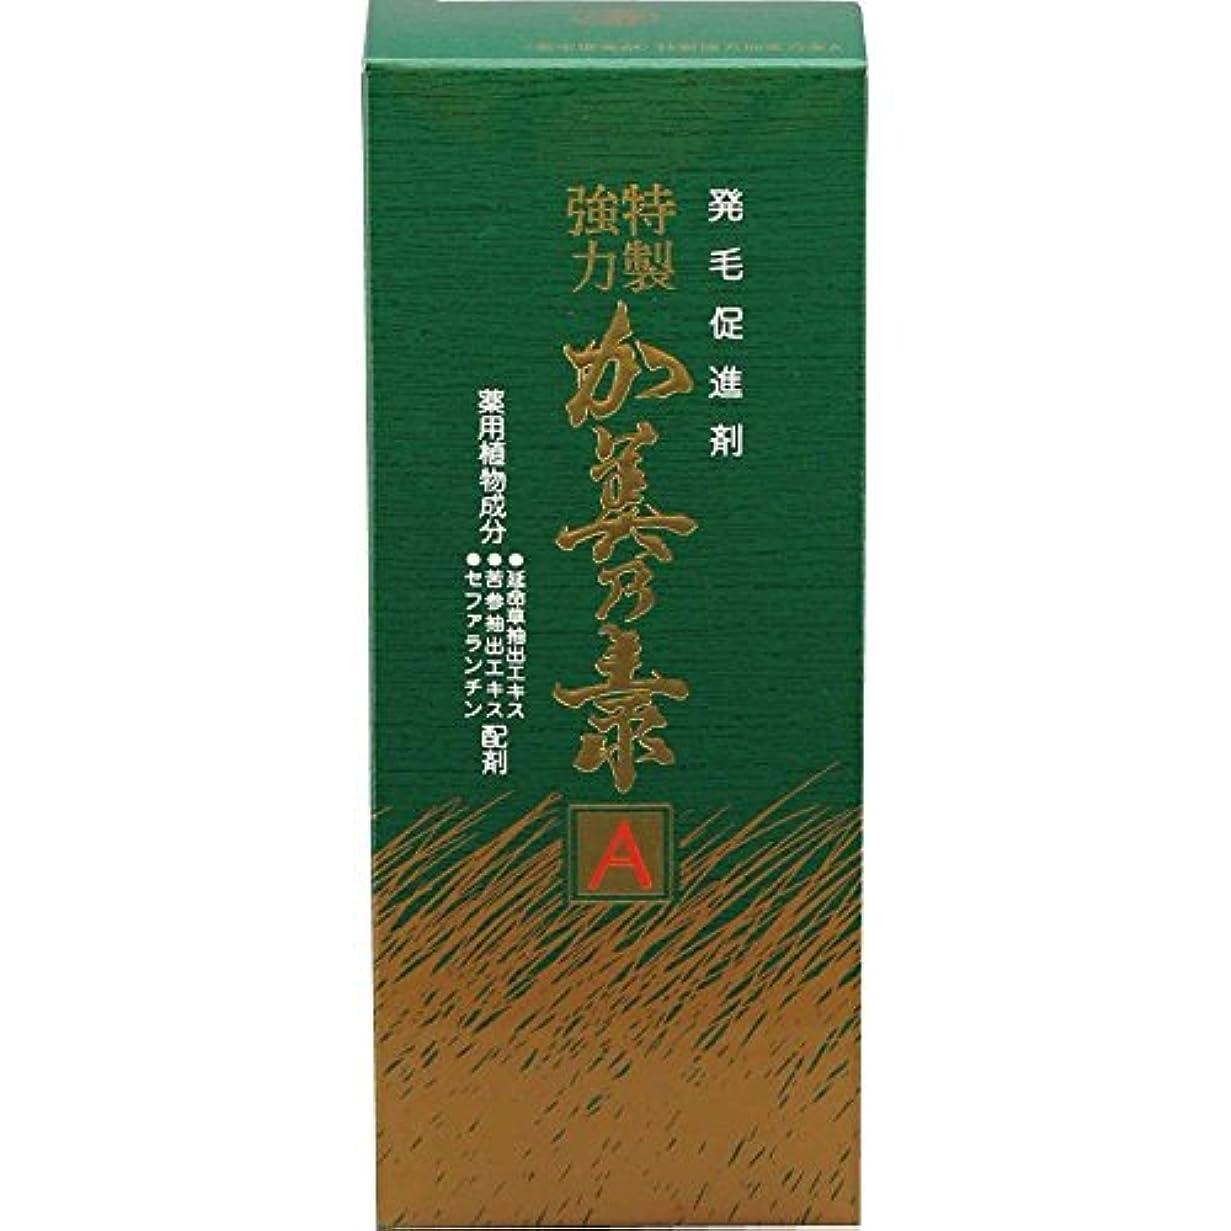 ストライド大統領テーマ特製強力加美乃素A フレッシュシトラスの香り 180mL×6個